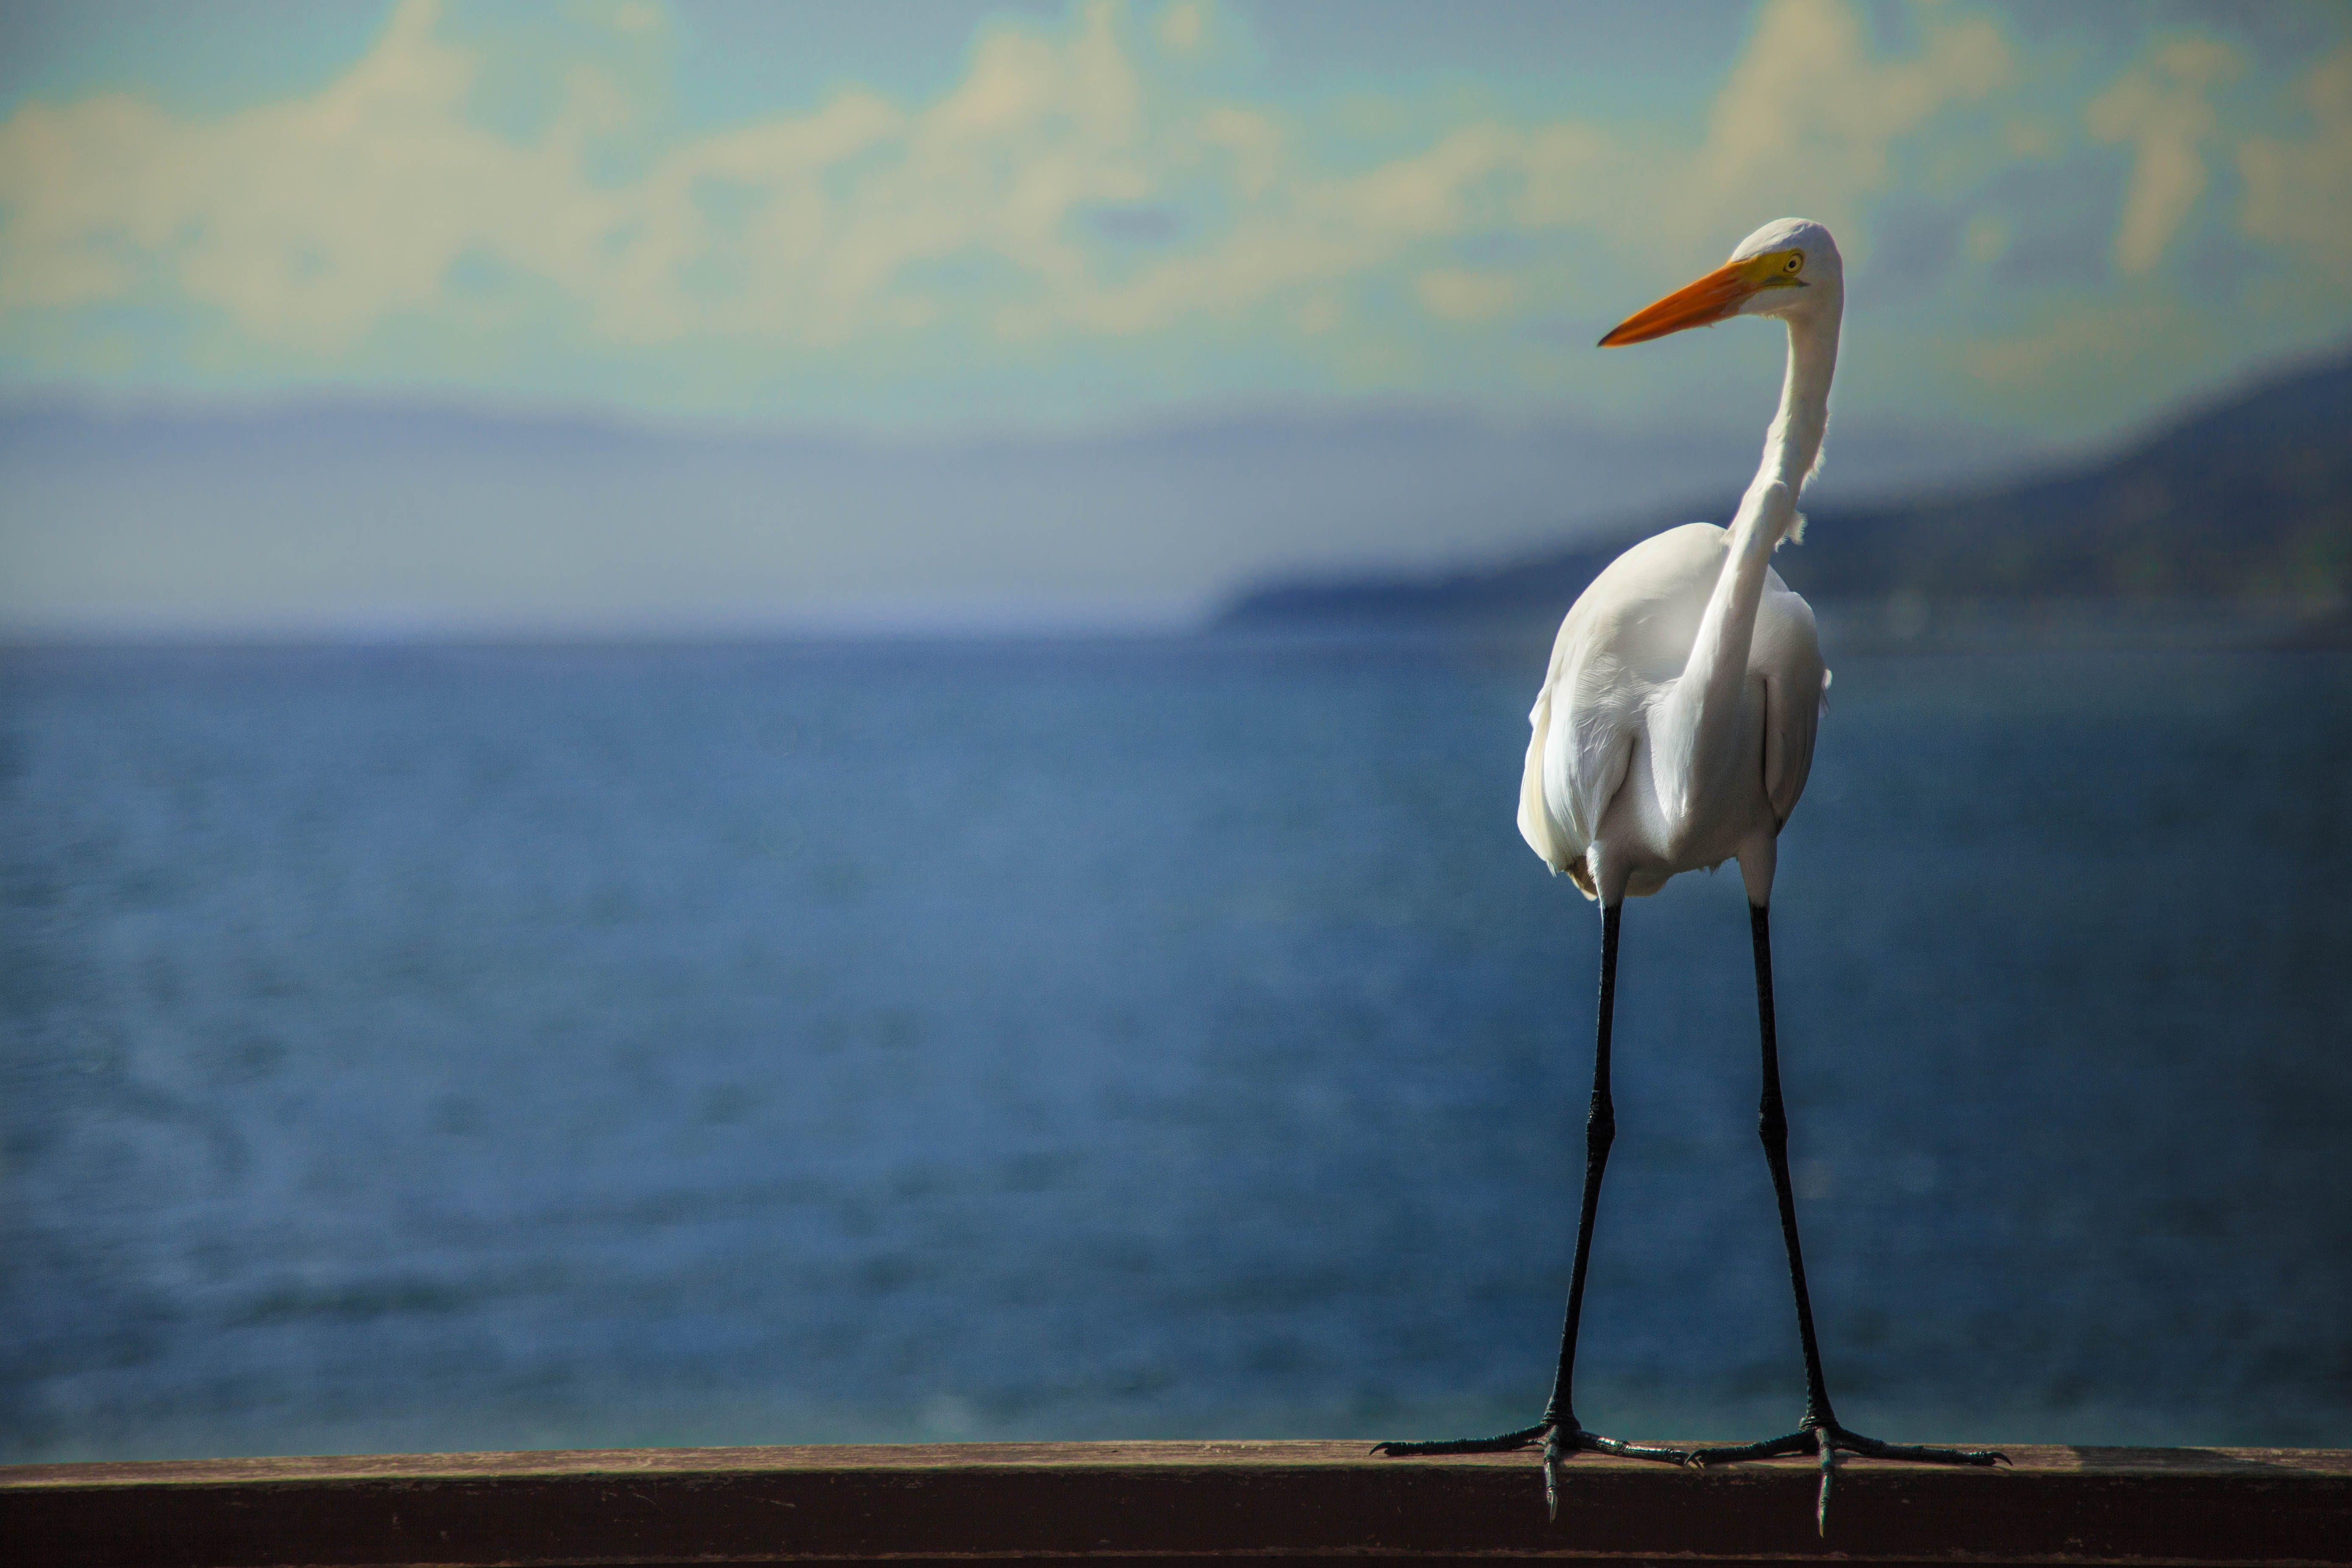 Gratis lagerfoto af 4k-baggrund, blå hav, hav, hejre